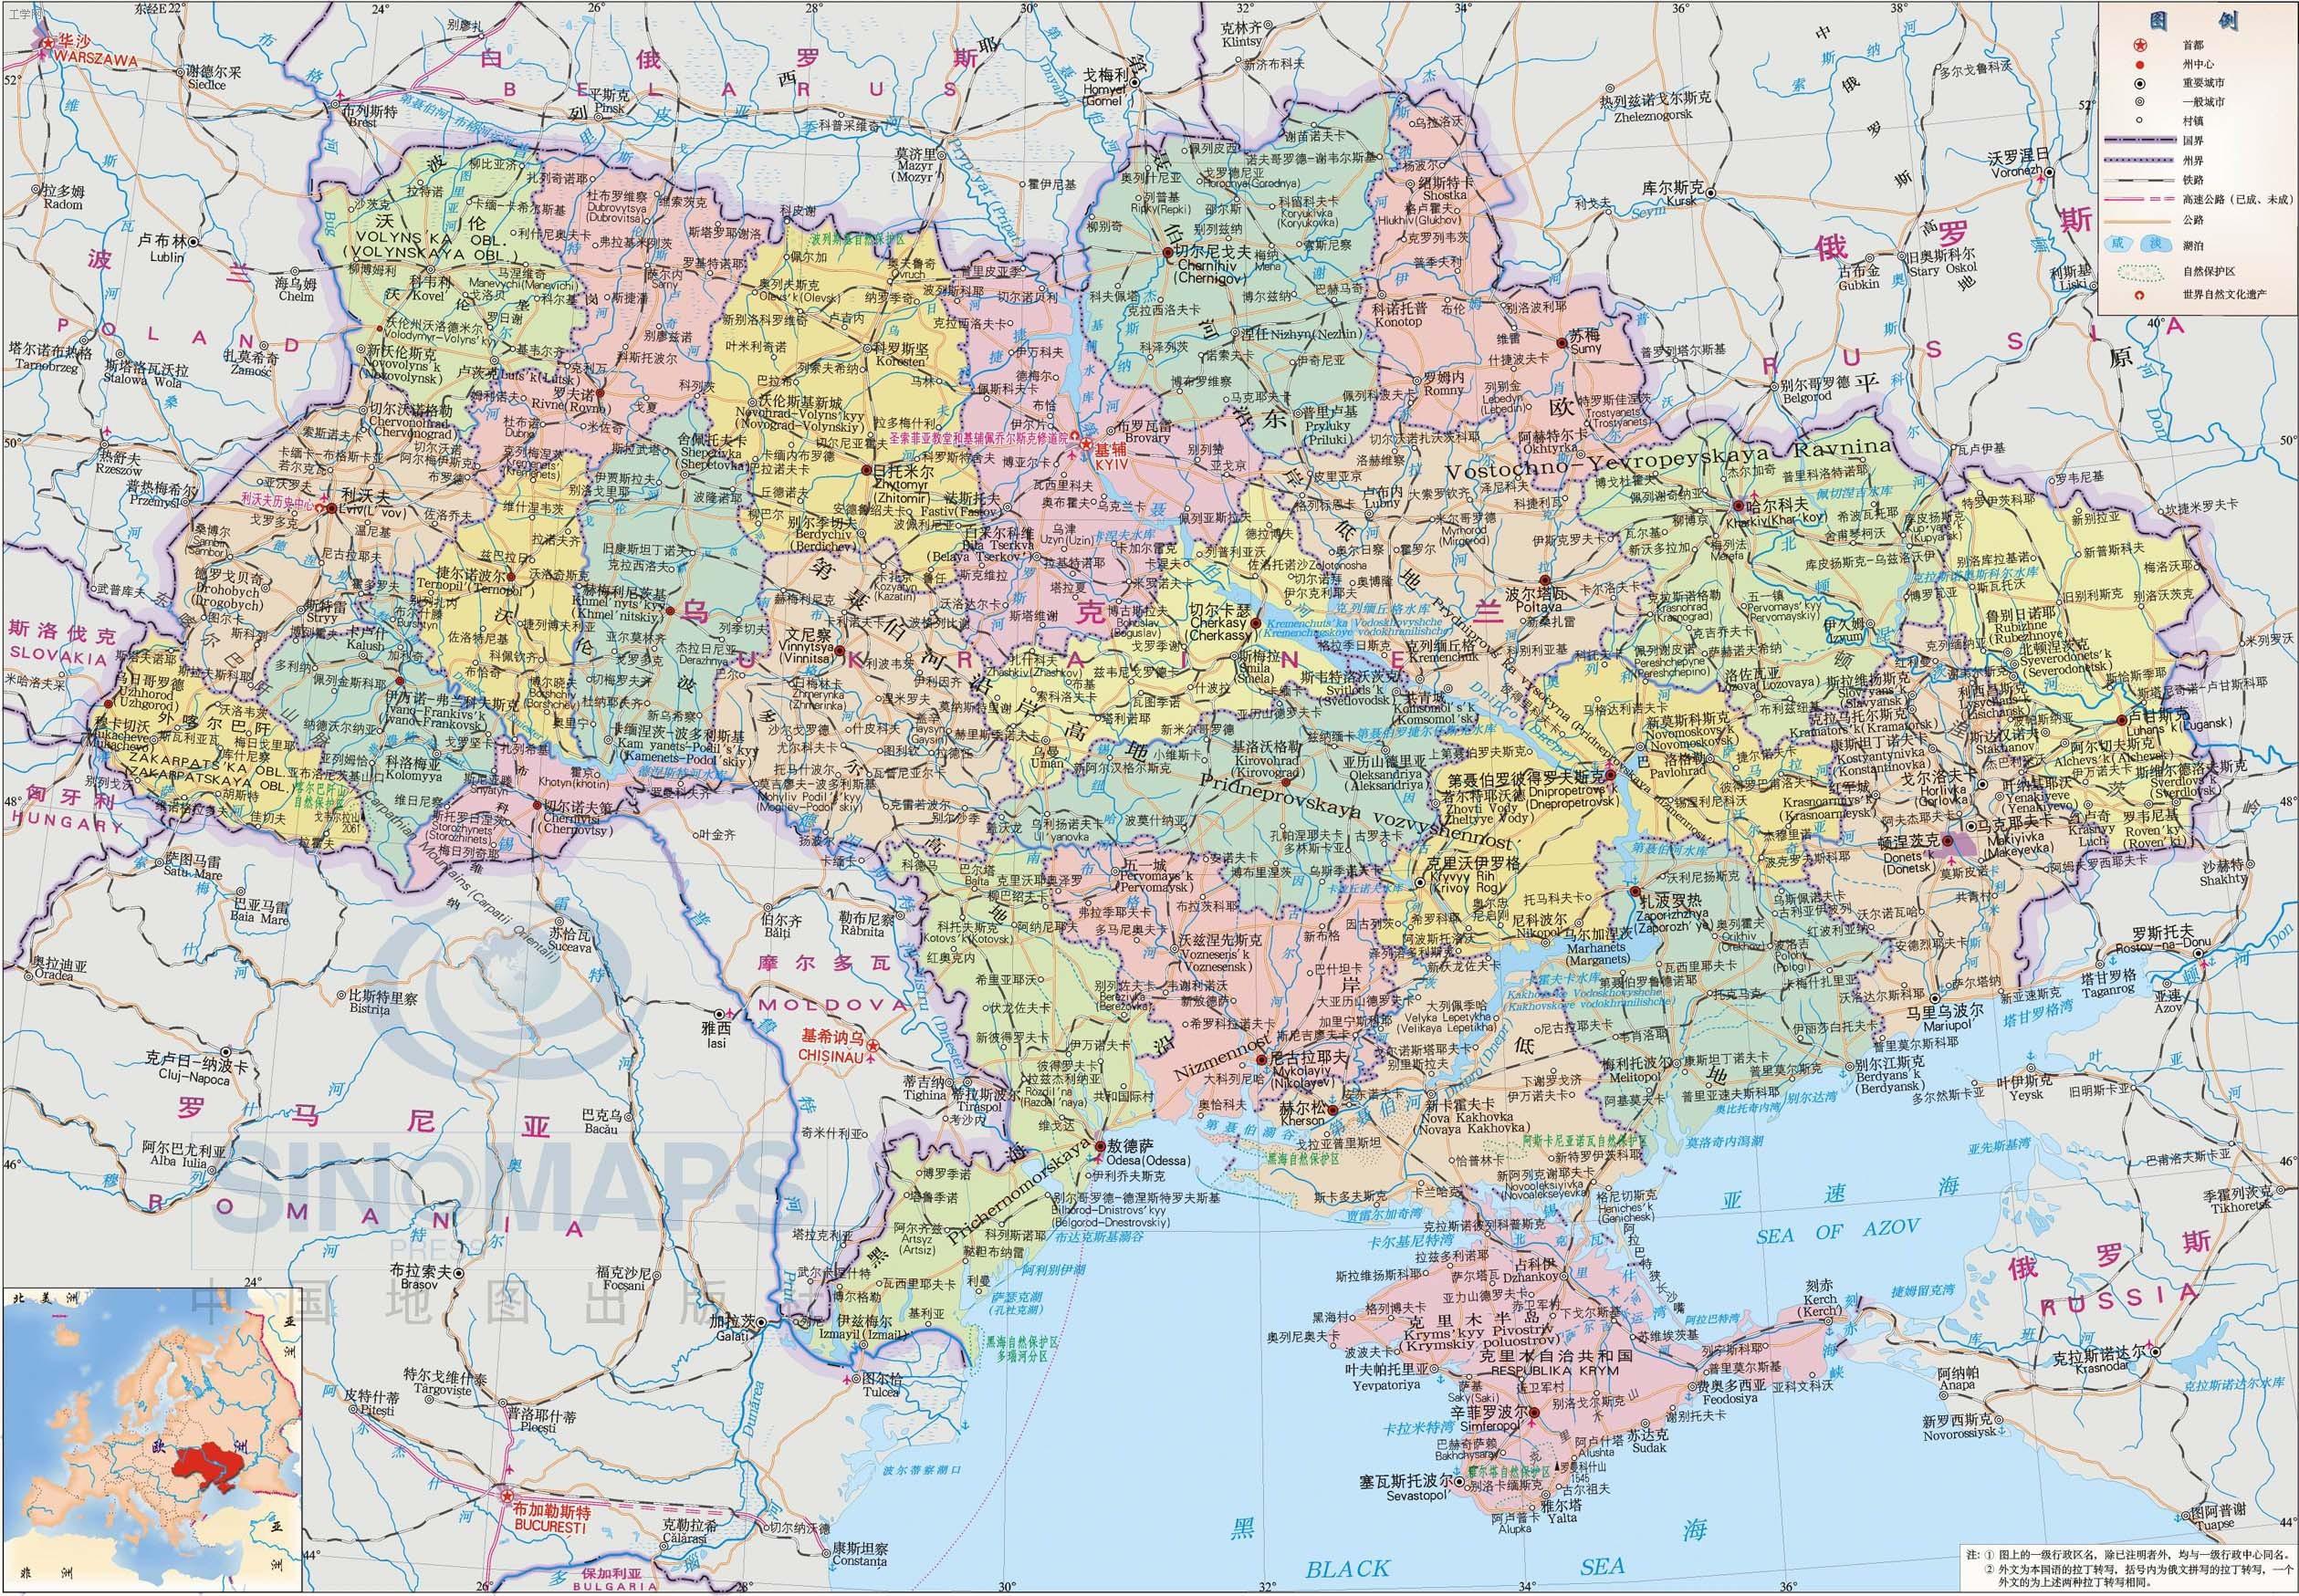 乌克兰地图高清版大图图片